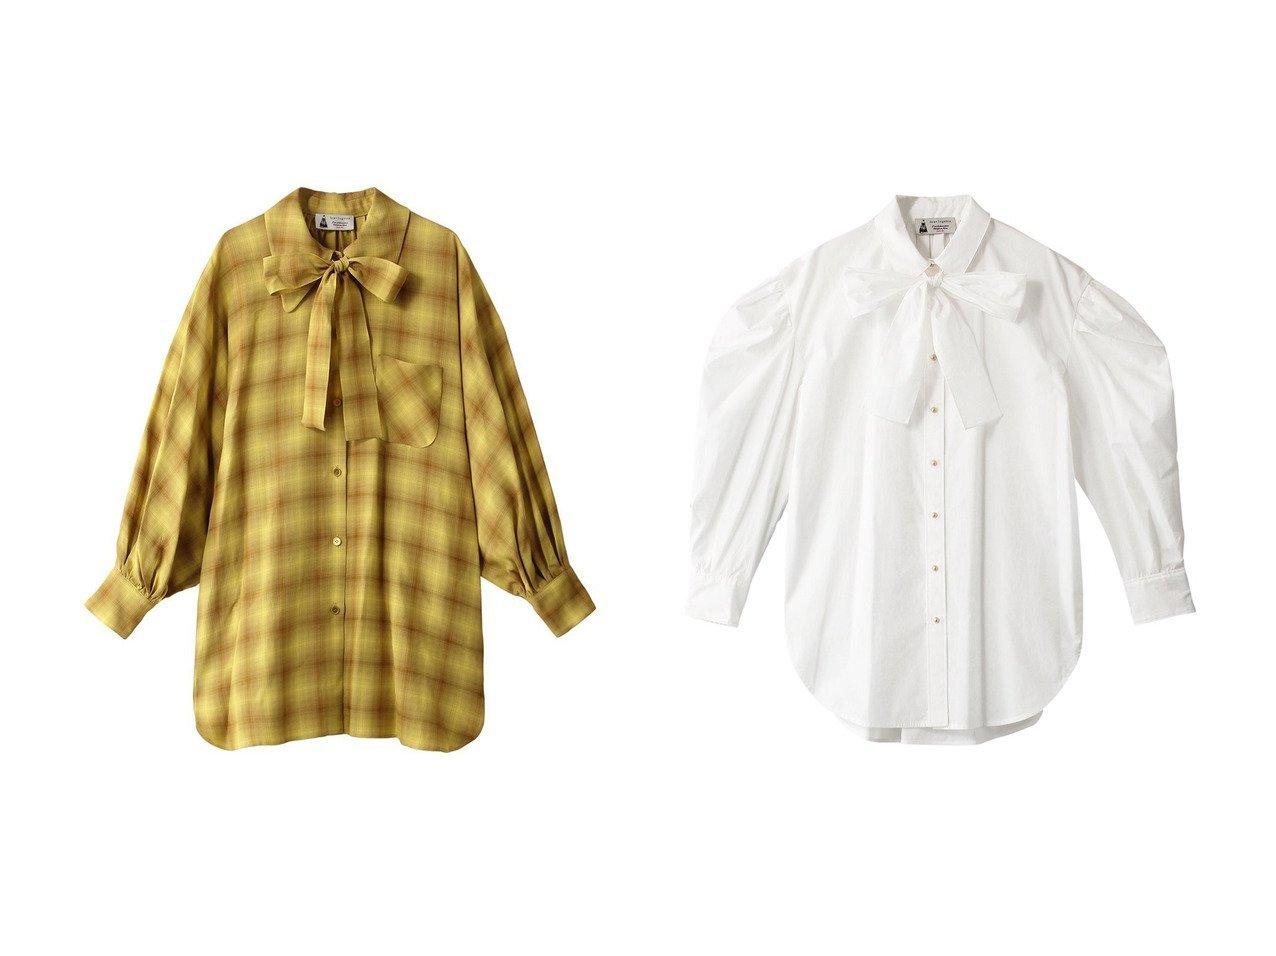 【leur logette/ルール ロジェット】のオンブレチェックボウタイロングシャツ&ボウタイブラウス 【トップス・カットソー】おすすめ!人気、トレンド・レディースファッションの通販 おすすめで人気の流行・トレンド、ファッションの通販商品 インテリア・家具・メンズファッション・キッズファッション・レディースファッション・服の通販 founy(ファニー) https://founy.com/ ファッション Fashion レディースファッション WOMEN トップス・カットソー Tops/Tshirt シャツ/ブラウス Shirts/Blouses 2020年 2020 2020-2021秋冬・A/W AW・Autumn/Winter・FW・Fall-Winter/2020-2021 2021年 2021 2021-2022秋冬・A/W AW・Autumn/Winter・FW・Fall-Winter・2021-2022 A/W・秋冬 AW・Autumn/Winter・FW・Fall-Winter グラデーション スリーブ チェック ボウタイ ラグジュアリー ロング |ID:crp329100000062699